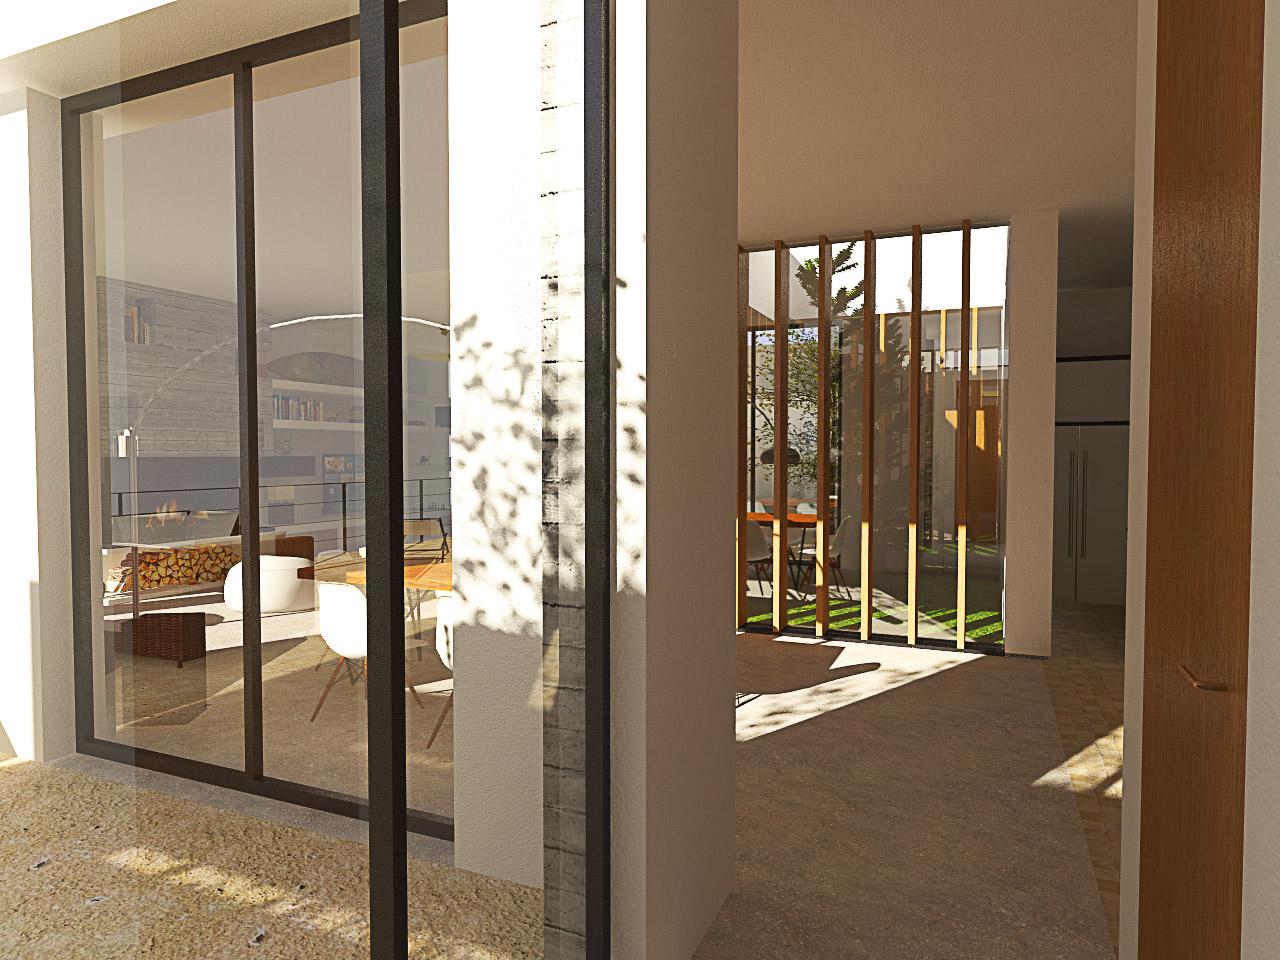 maison_projet_architecture_limonest-7